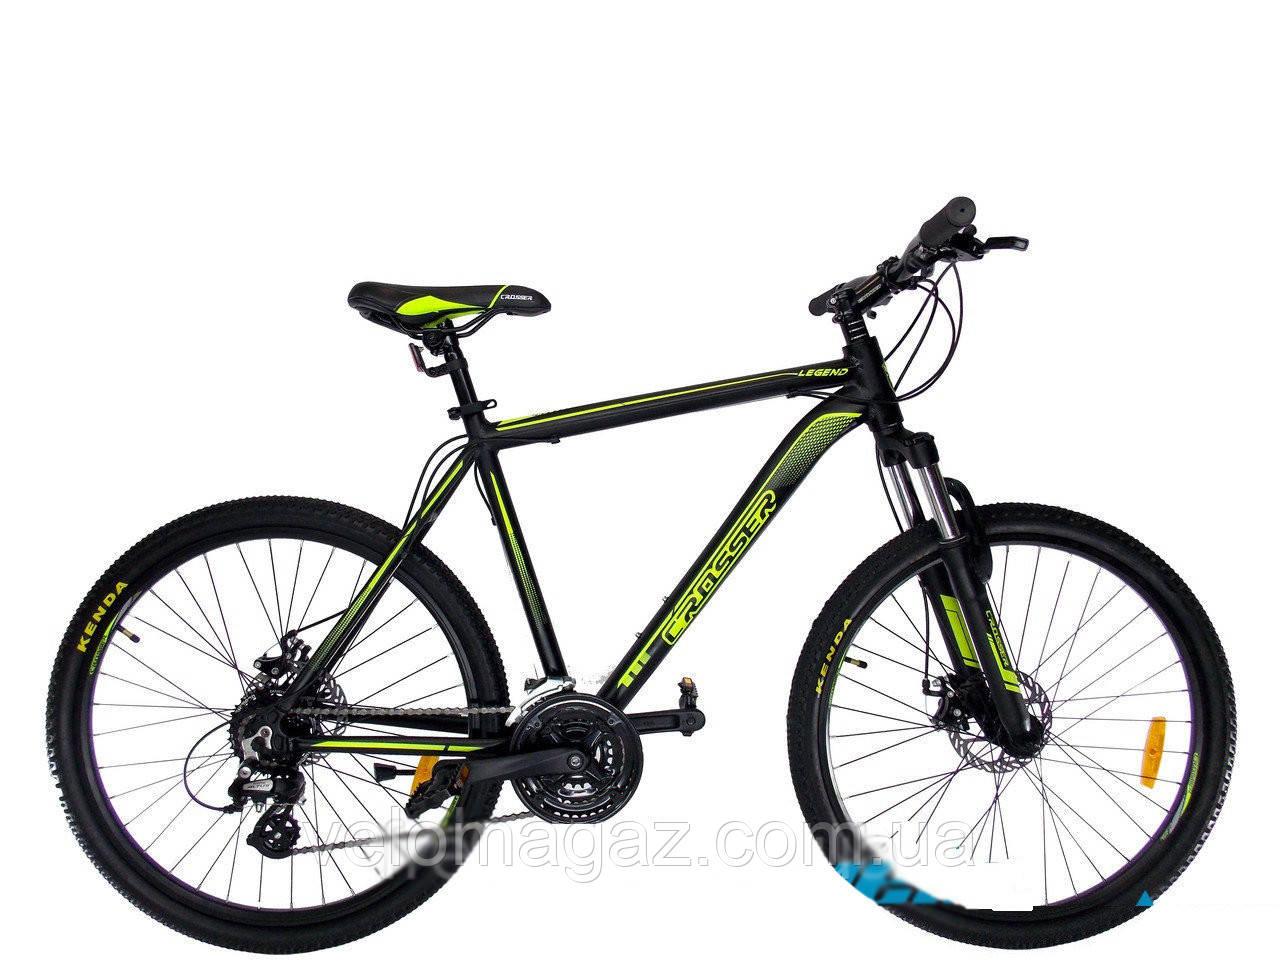 """Велосипед горный Crosser Legend-1*20 26"""" черно-салатовый алюминиевый"""